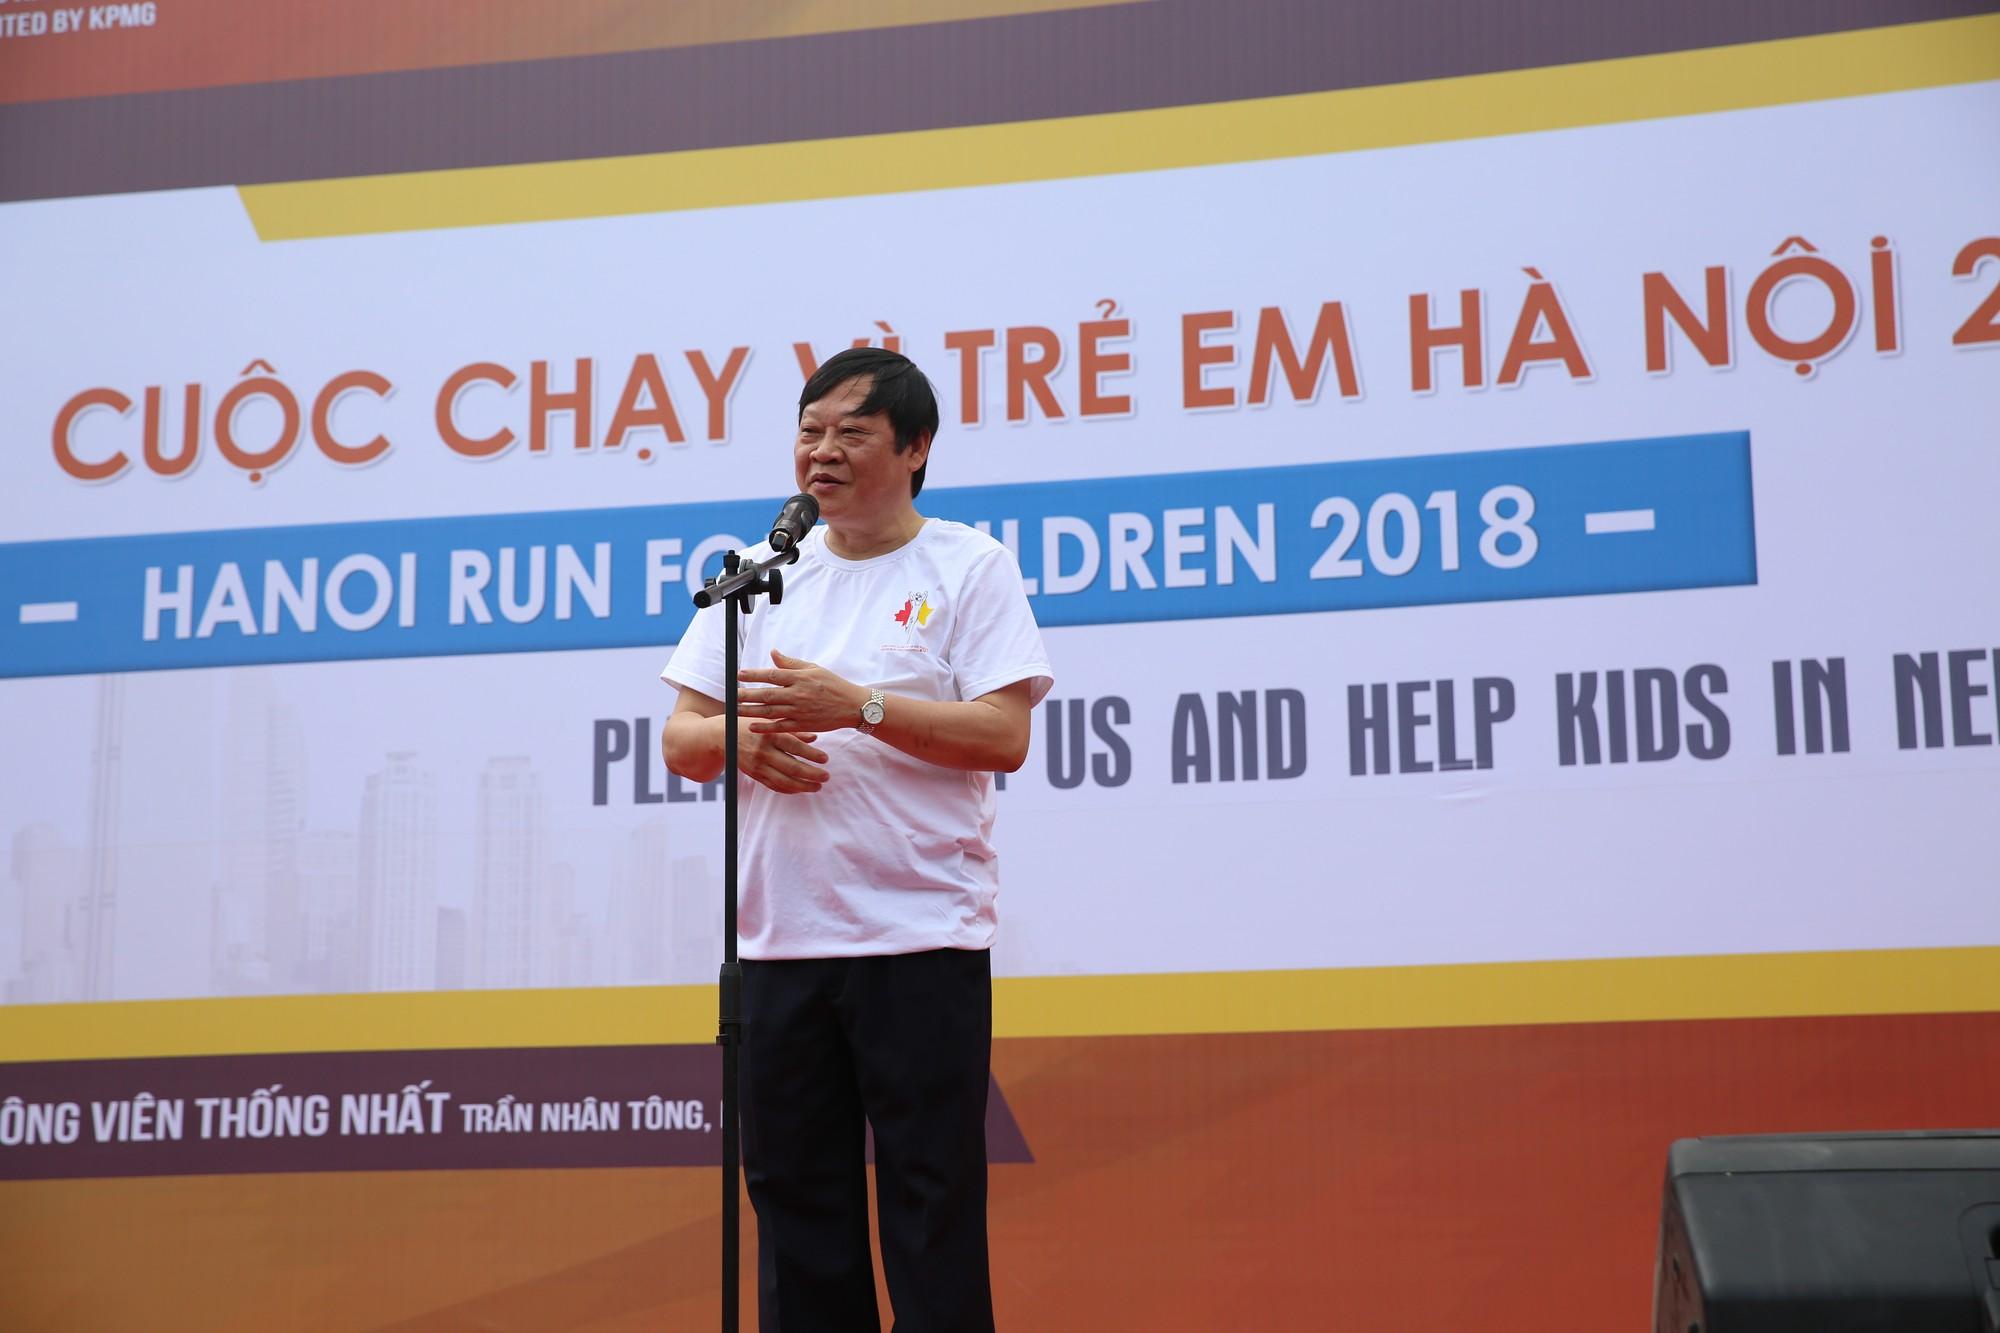 Chạy vì trẻ em Hà Nội 2018 thu hút hàng nghìn người tham dự, quyên góp hơn 1 tỷ đồng - Ảnh 3.